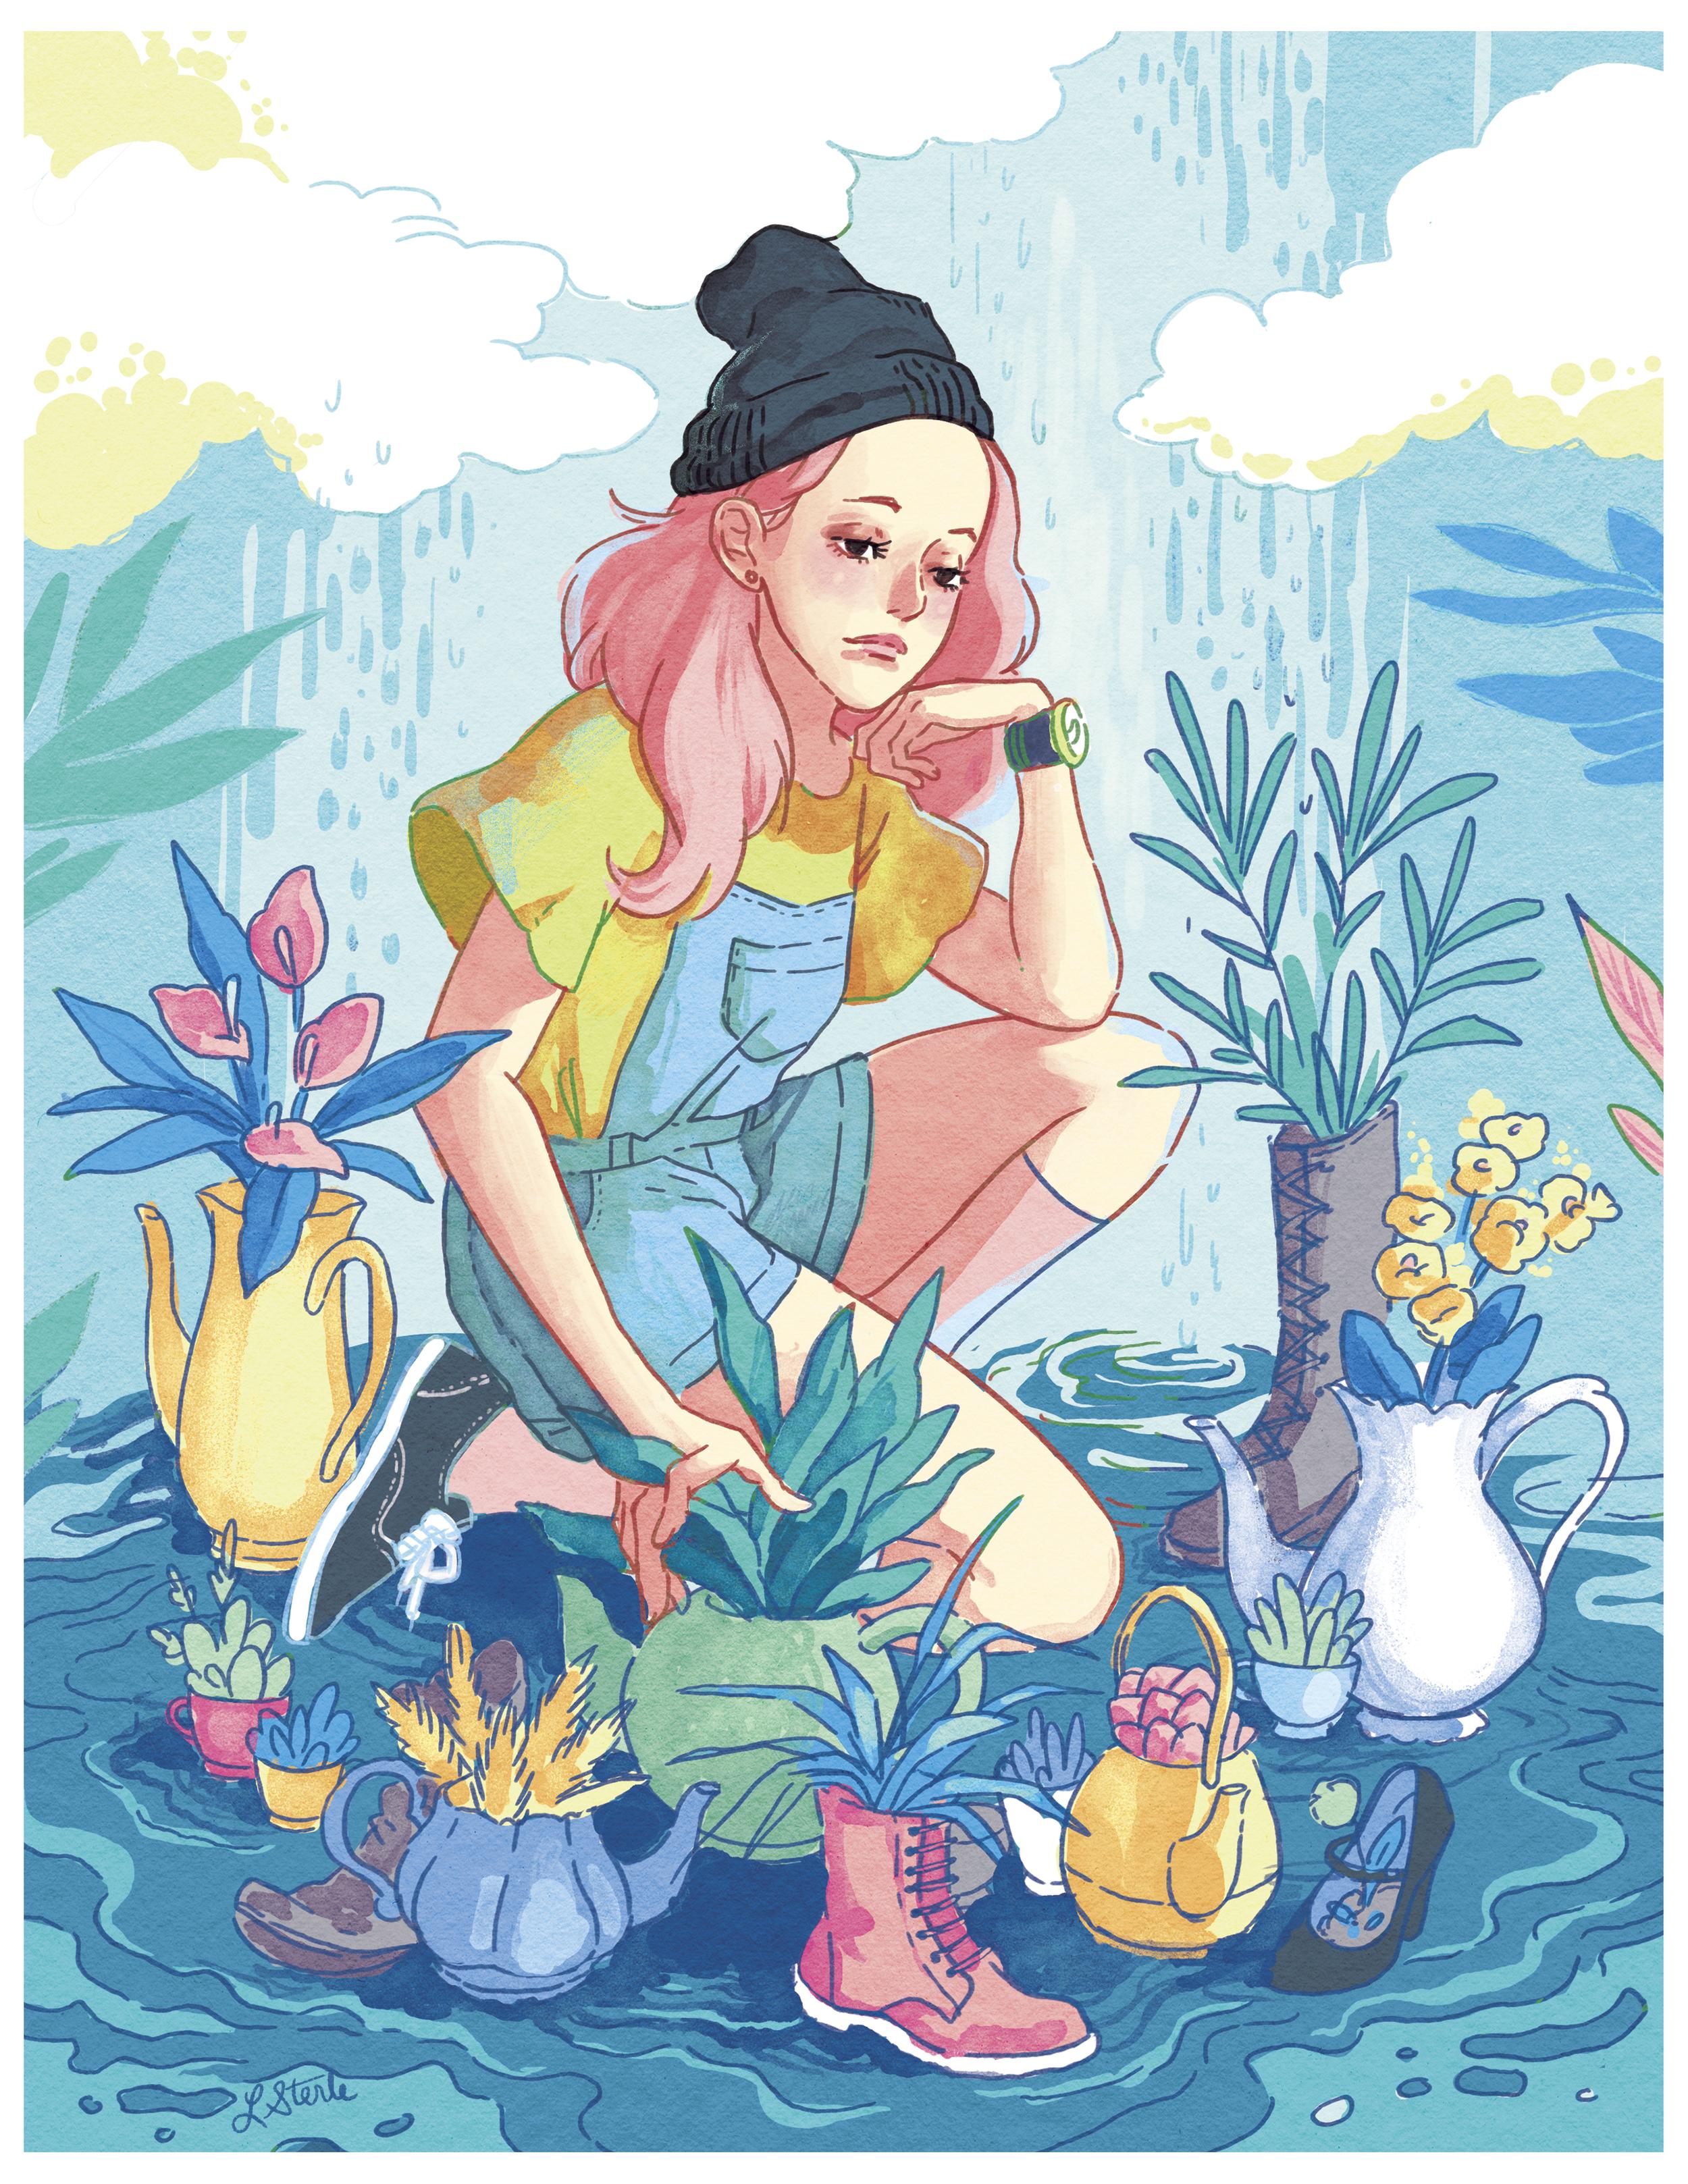 shoe-plants-ohayocon.png